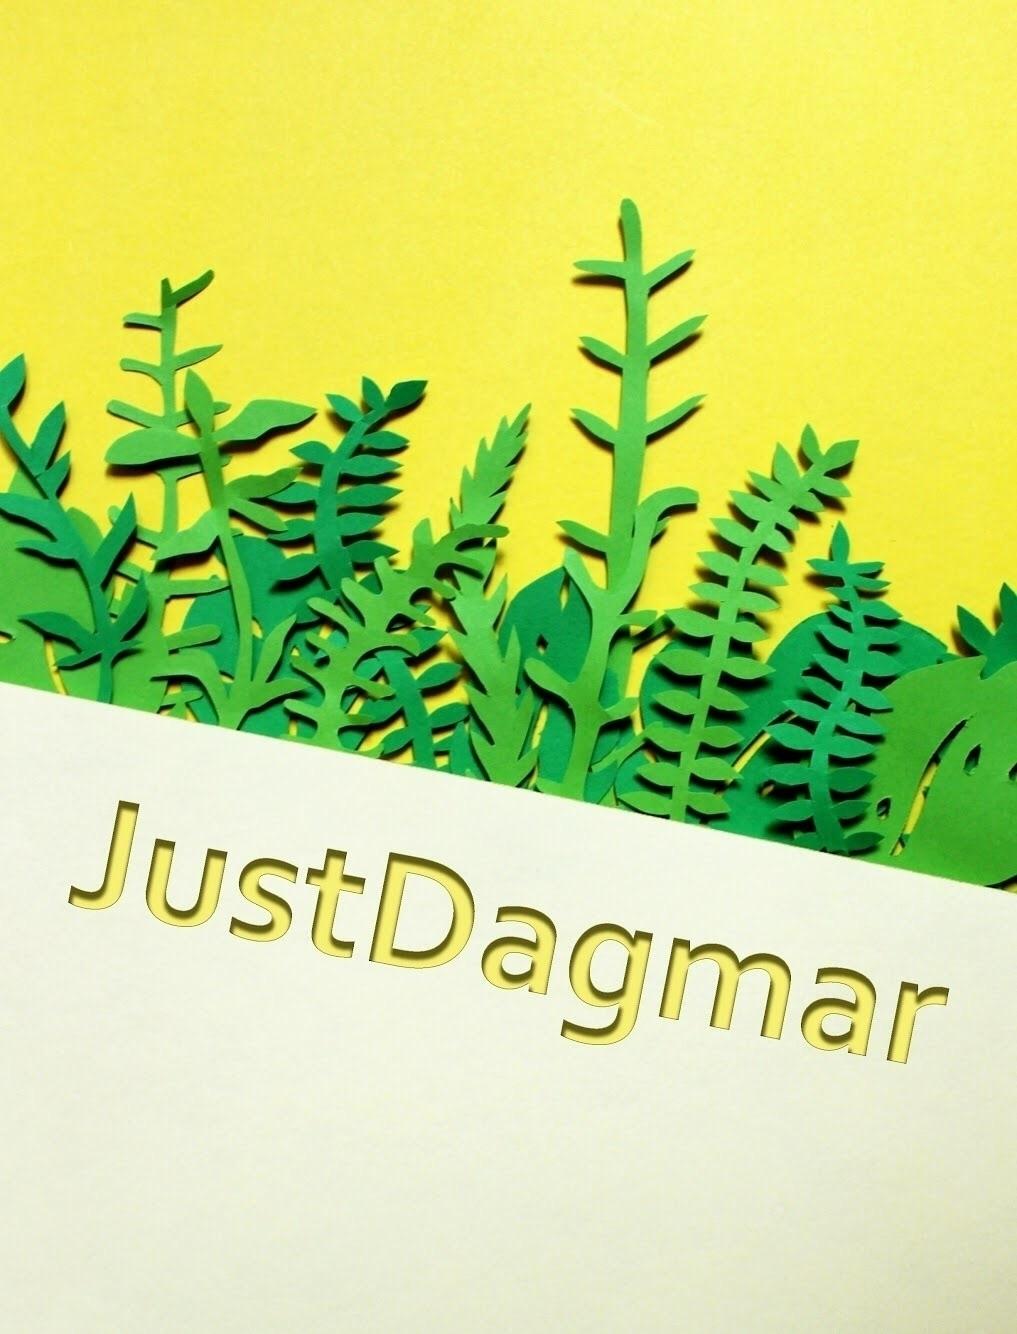 @justdagmar Cover Image